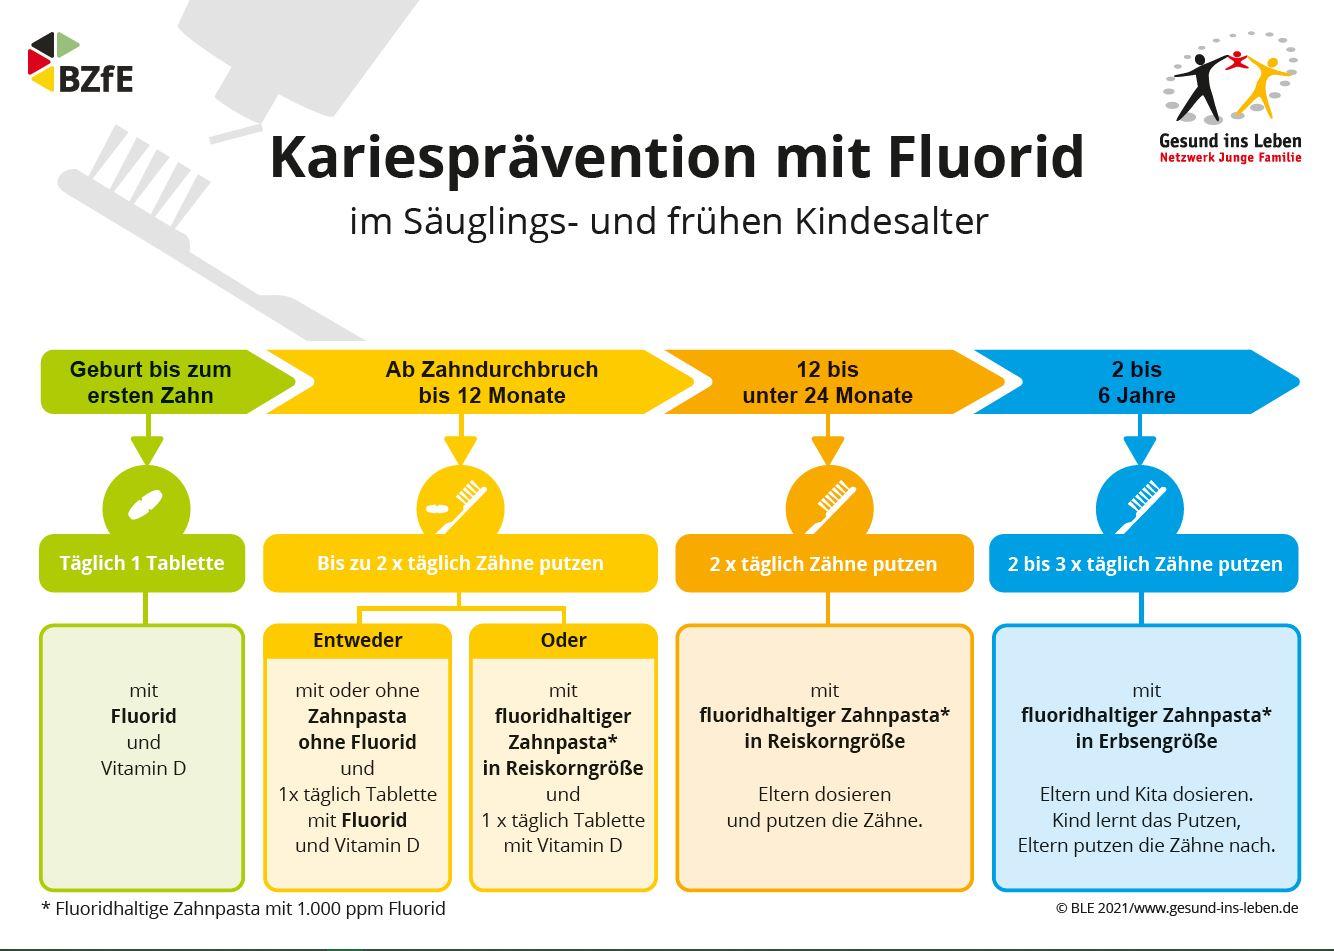 Kariesprävention mit Fluorid im Säuglings- und Kindesalter